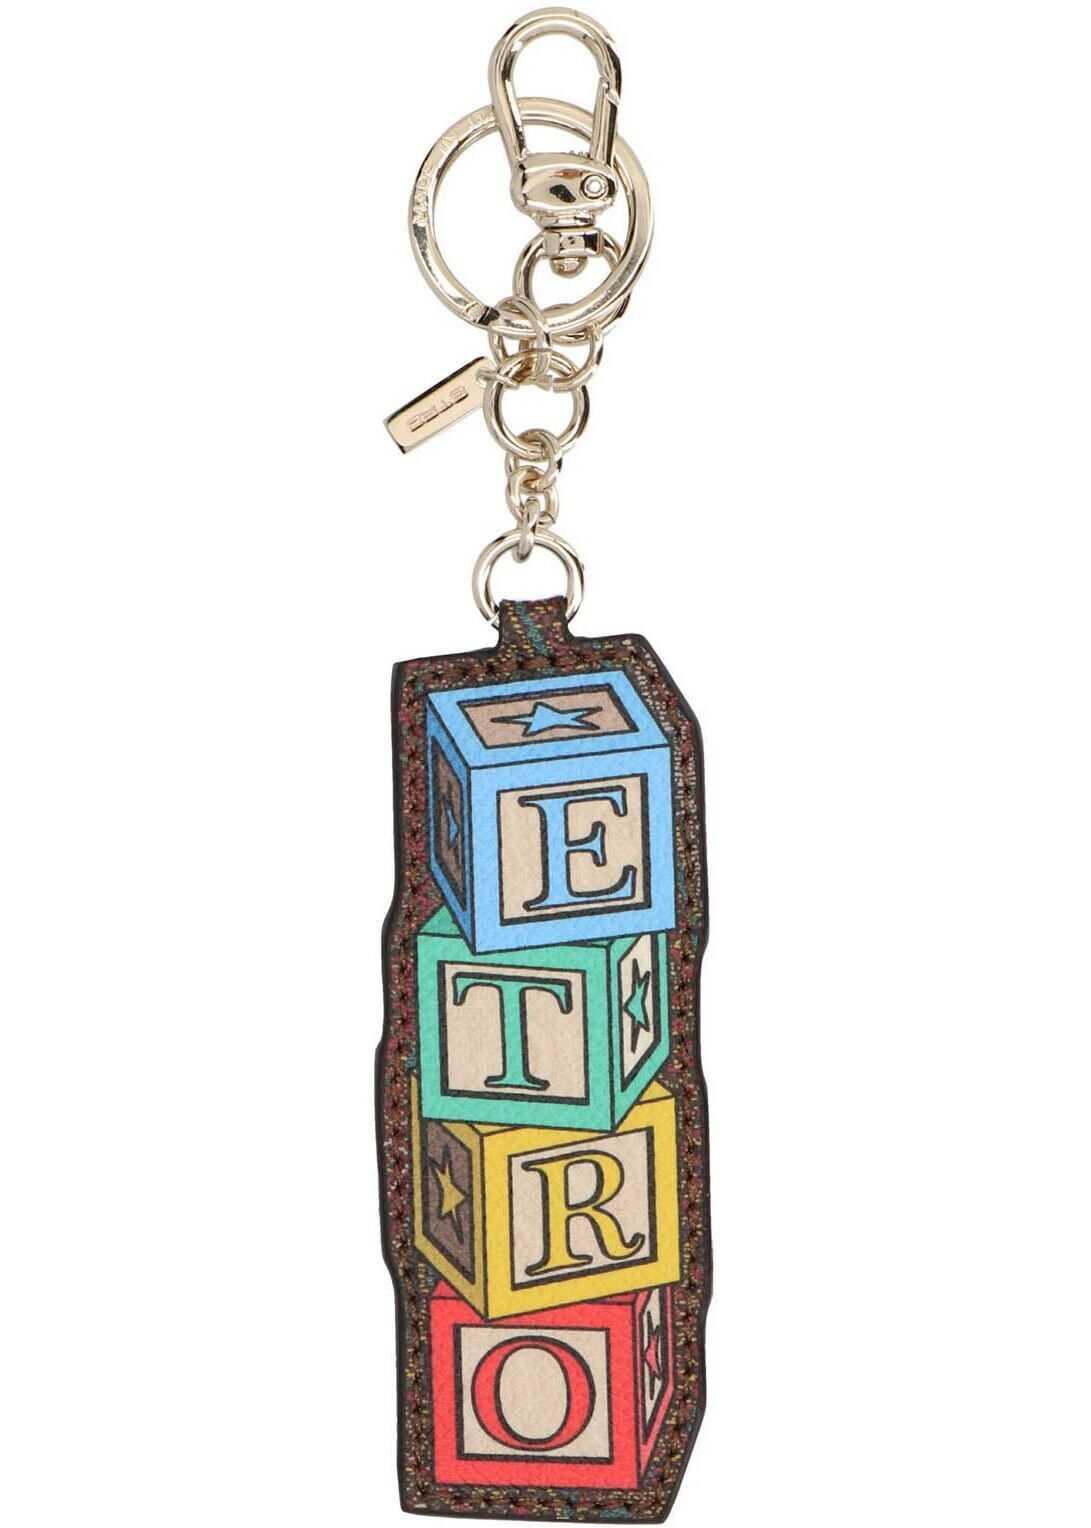 ETRO Etro Toys Dice Keyring In Multicolor